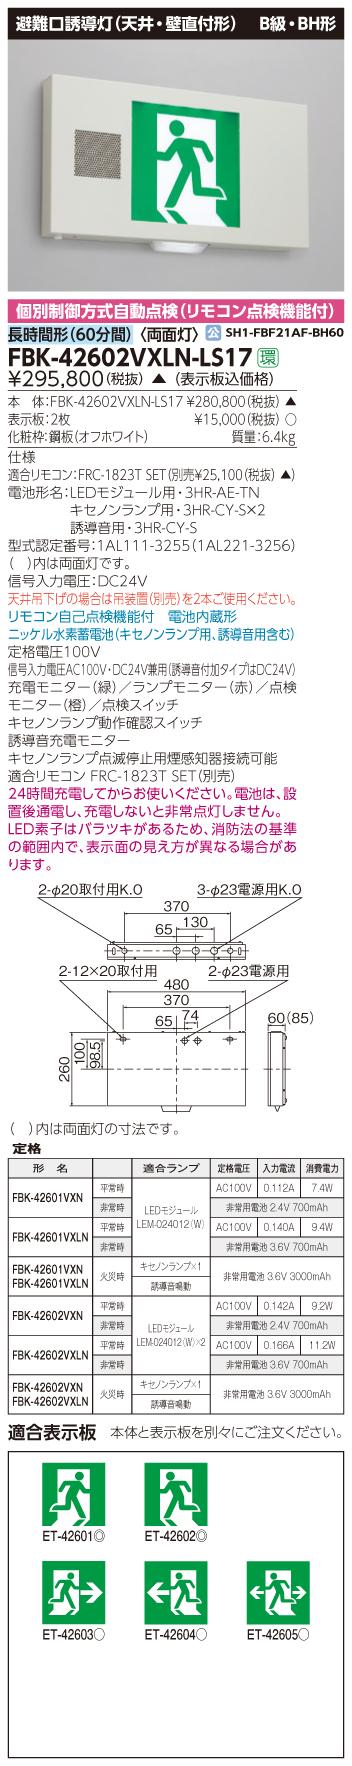 【法人様限定】東芝 FBK-42602VXLN-LS17 LED誘導灯 天井・壁直付形 天井吊下形 誘導音付加点滅形 電池内蔵 両面 B級BH形 長時間 【表示板別売】